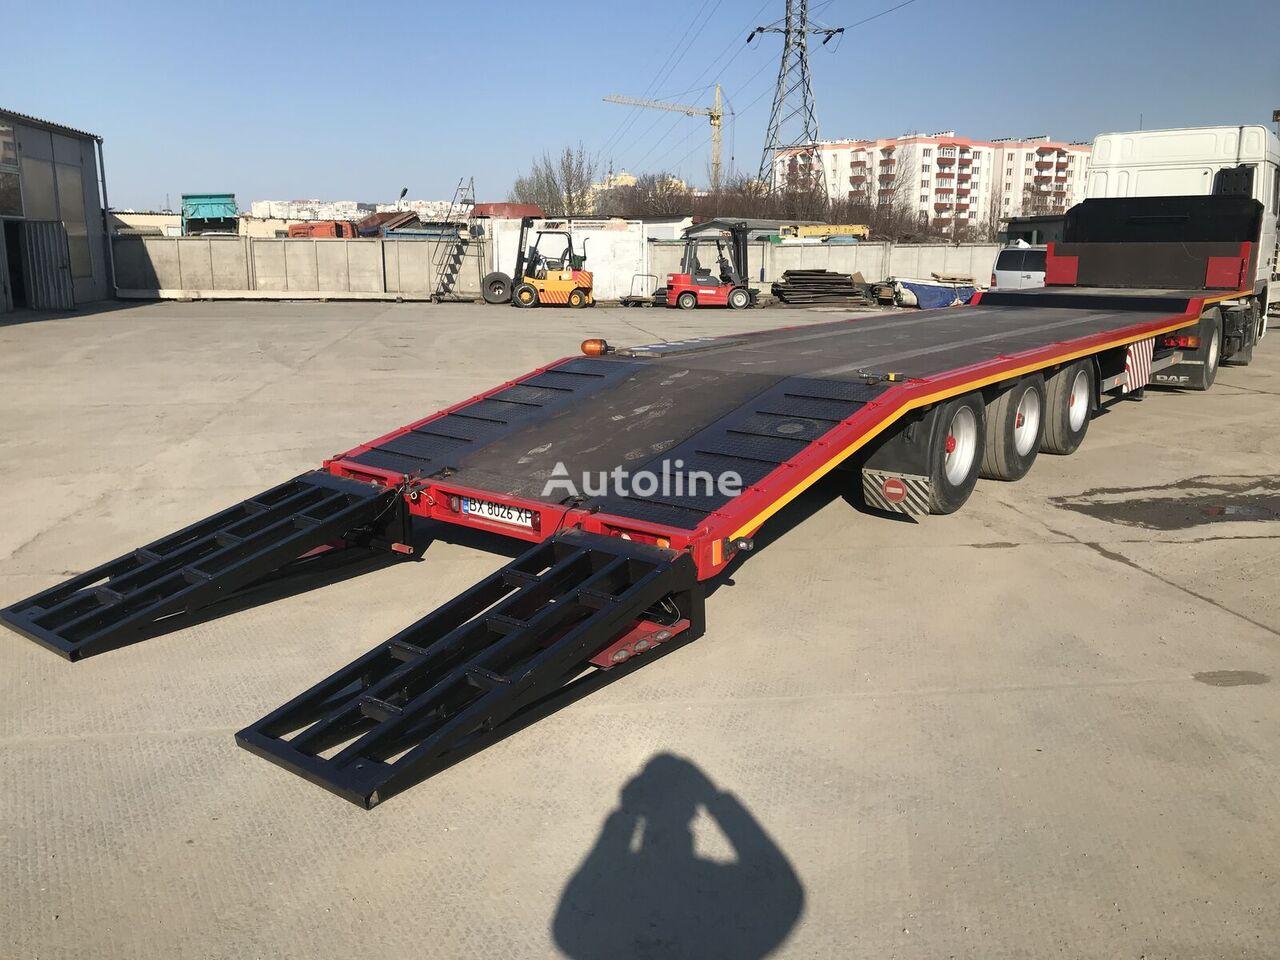 VAN HOOL TRAL low bed semi-trailer